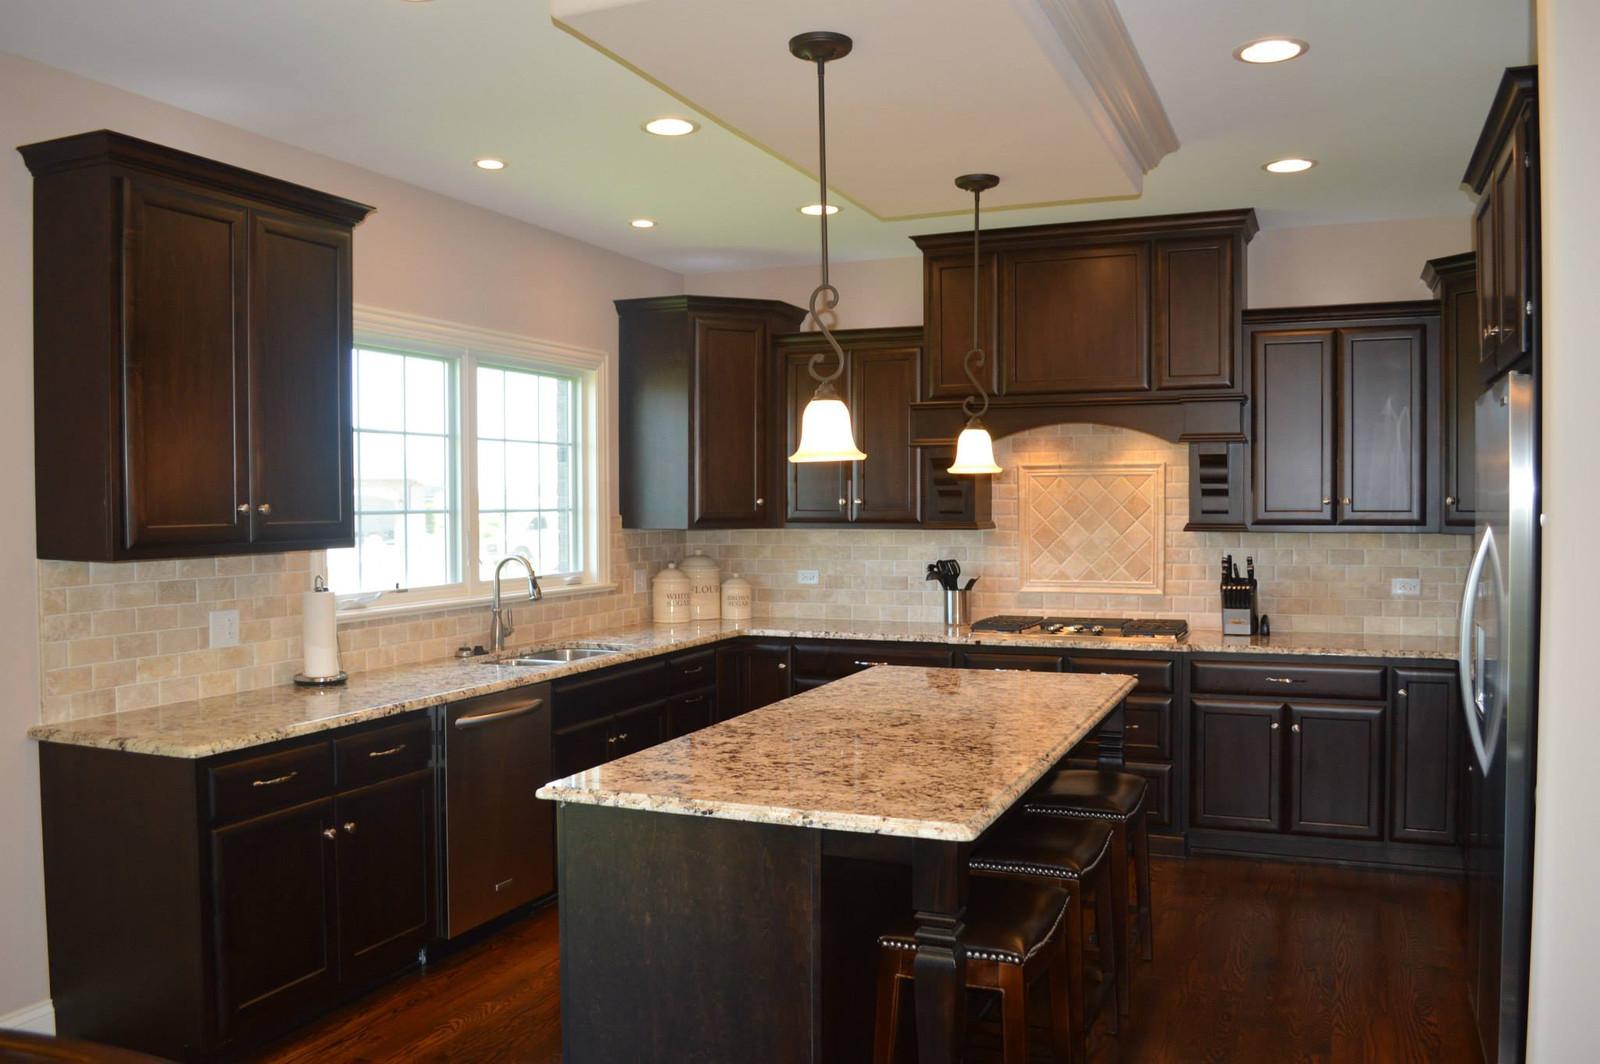 homer glen granite countertops insignia stone kitchen projects giallo ornamental 3cm granite kitchen countertops with ogee edge profile on island and half bullnose edge profile on perimeter